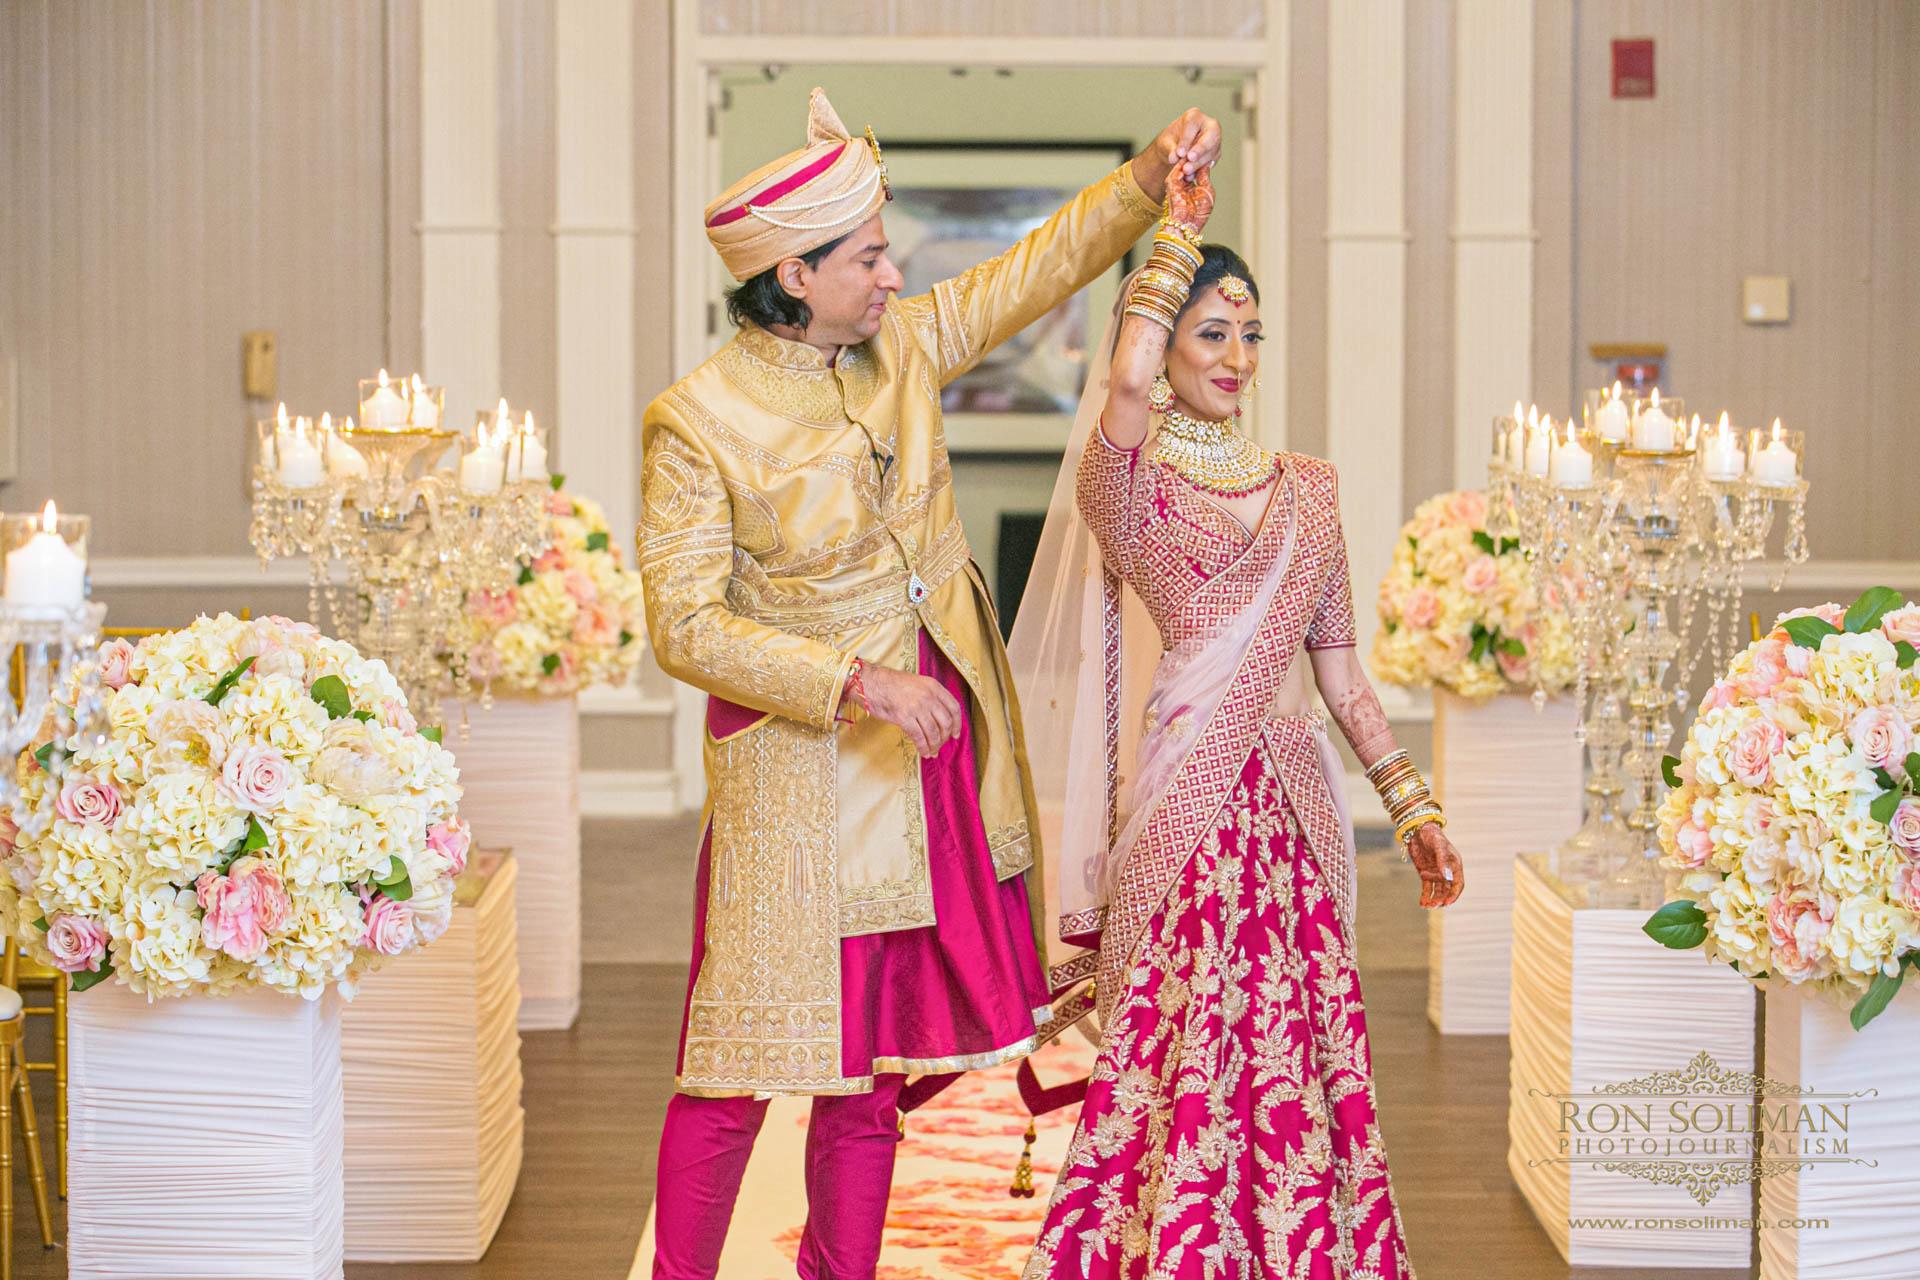 SHERATON MAHWAH INDIAN WEDDING 6